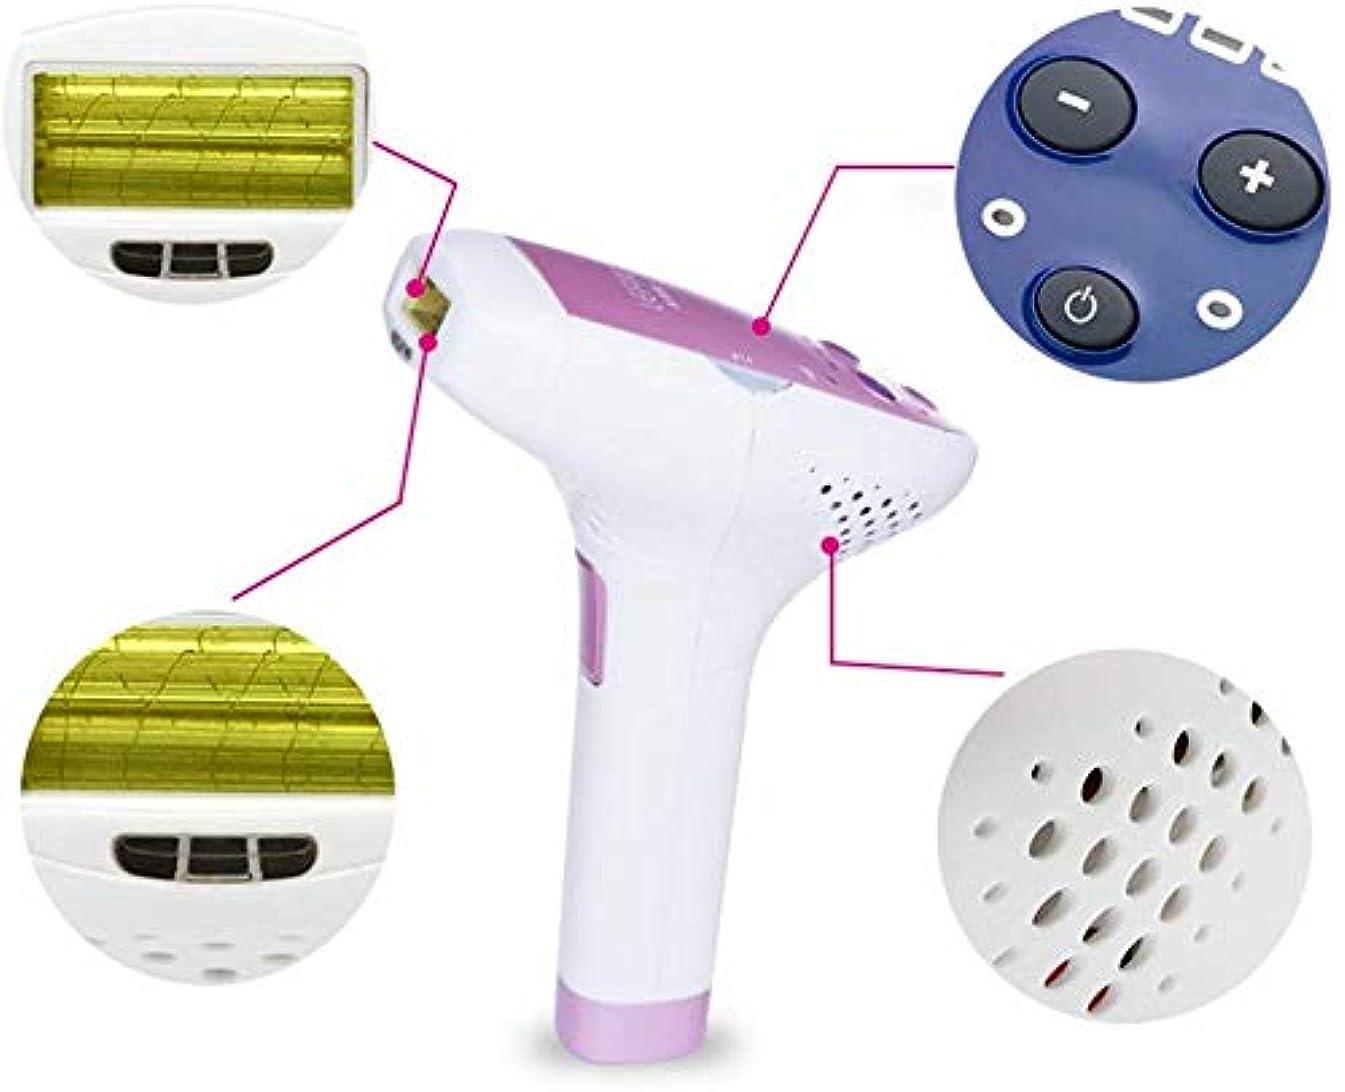 収束消去適度にHSBAIS IPL 脱毛装置、無痛 家庭用 女性と男性のための脱毛システム 300000 点滅 ビキニライン/足/腕/脇の下,White Pink